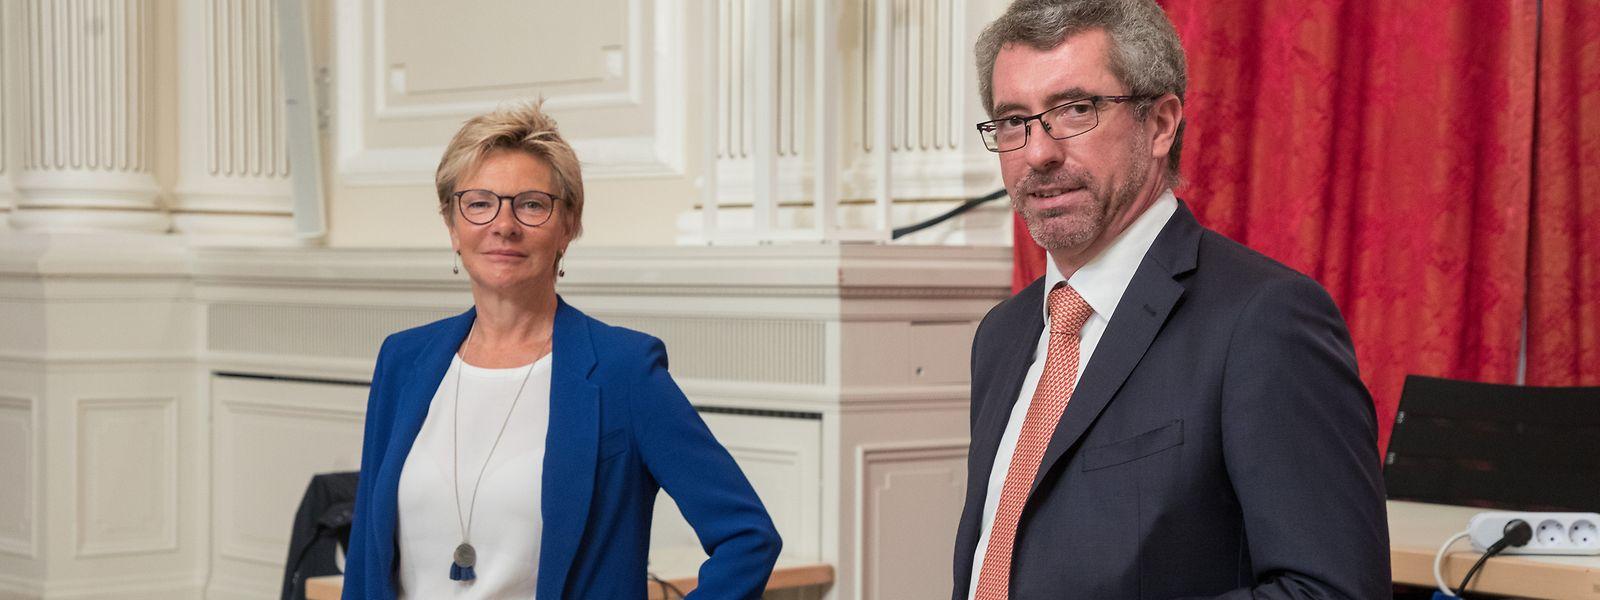 Armin Laschet oder Markus Söder? Martine Hansen gegen Frank Engel ... all diese Duelle schaffen es nicht, das Grundproblem der Konservativen zu vertuschen.